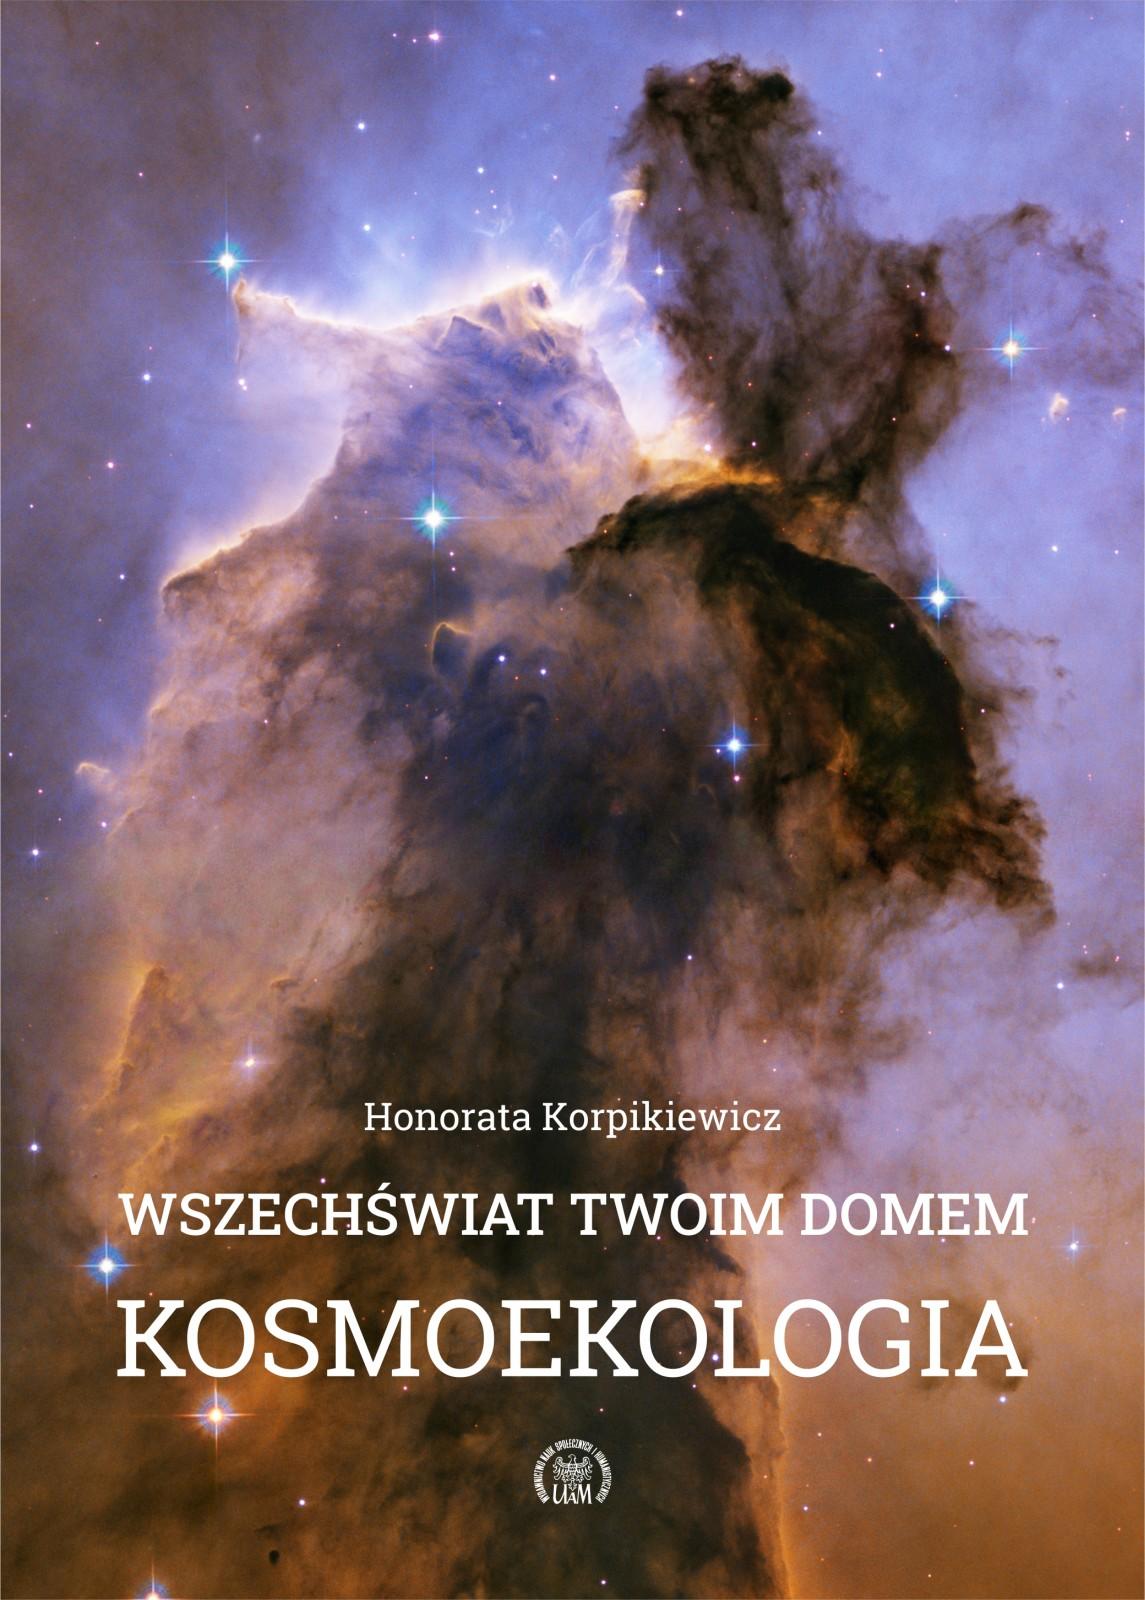 Honorata Korpikiewicz Wszechświat twoim domem. Kosmoekologia